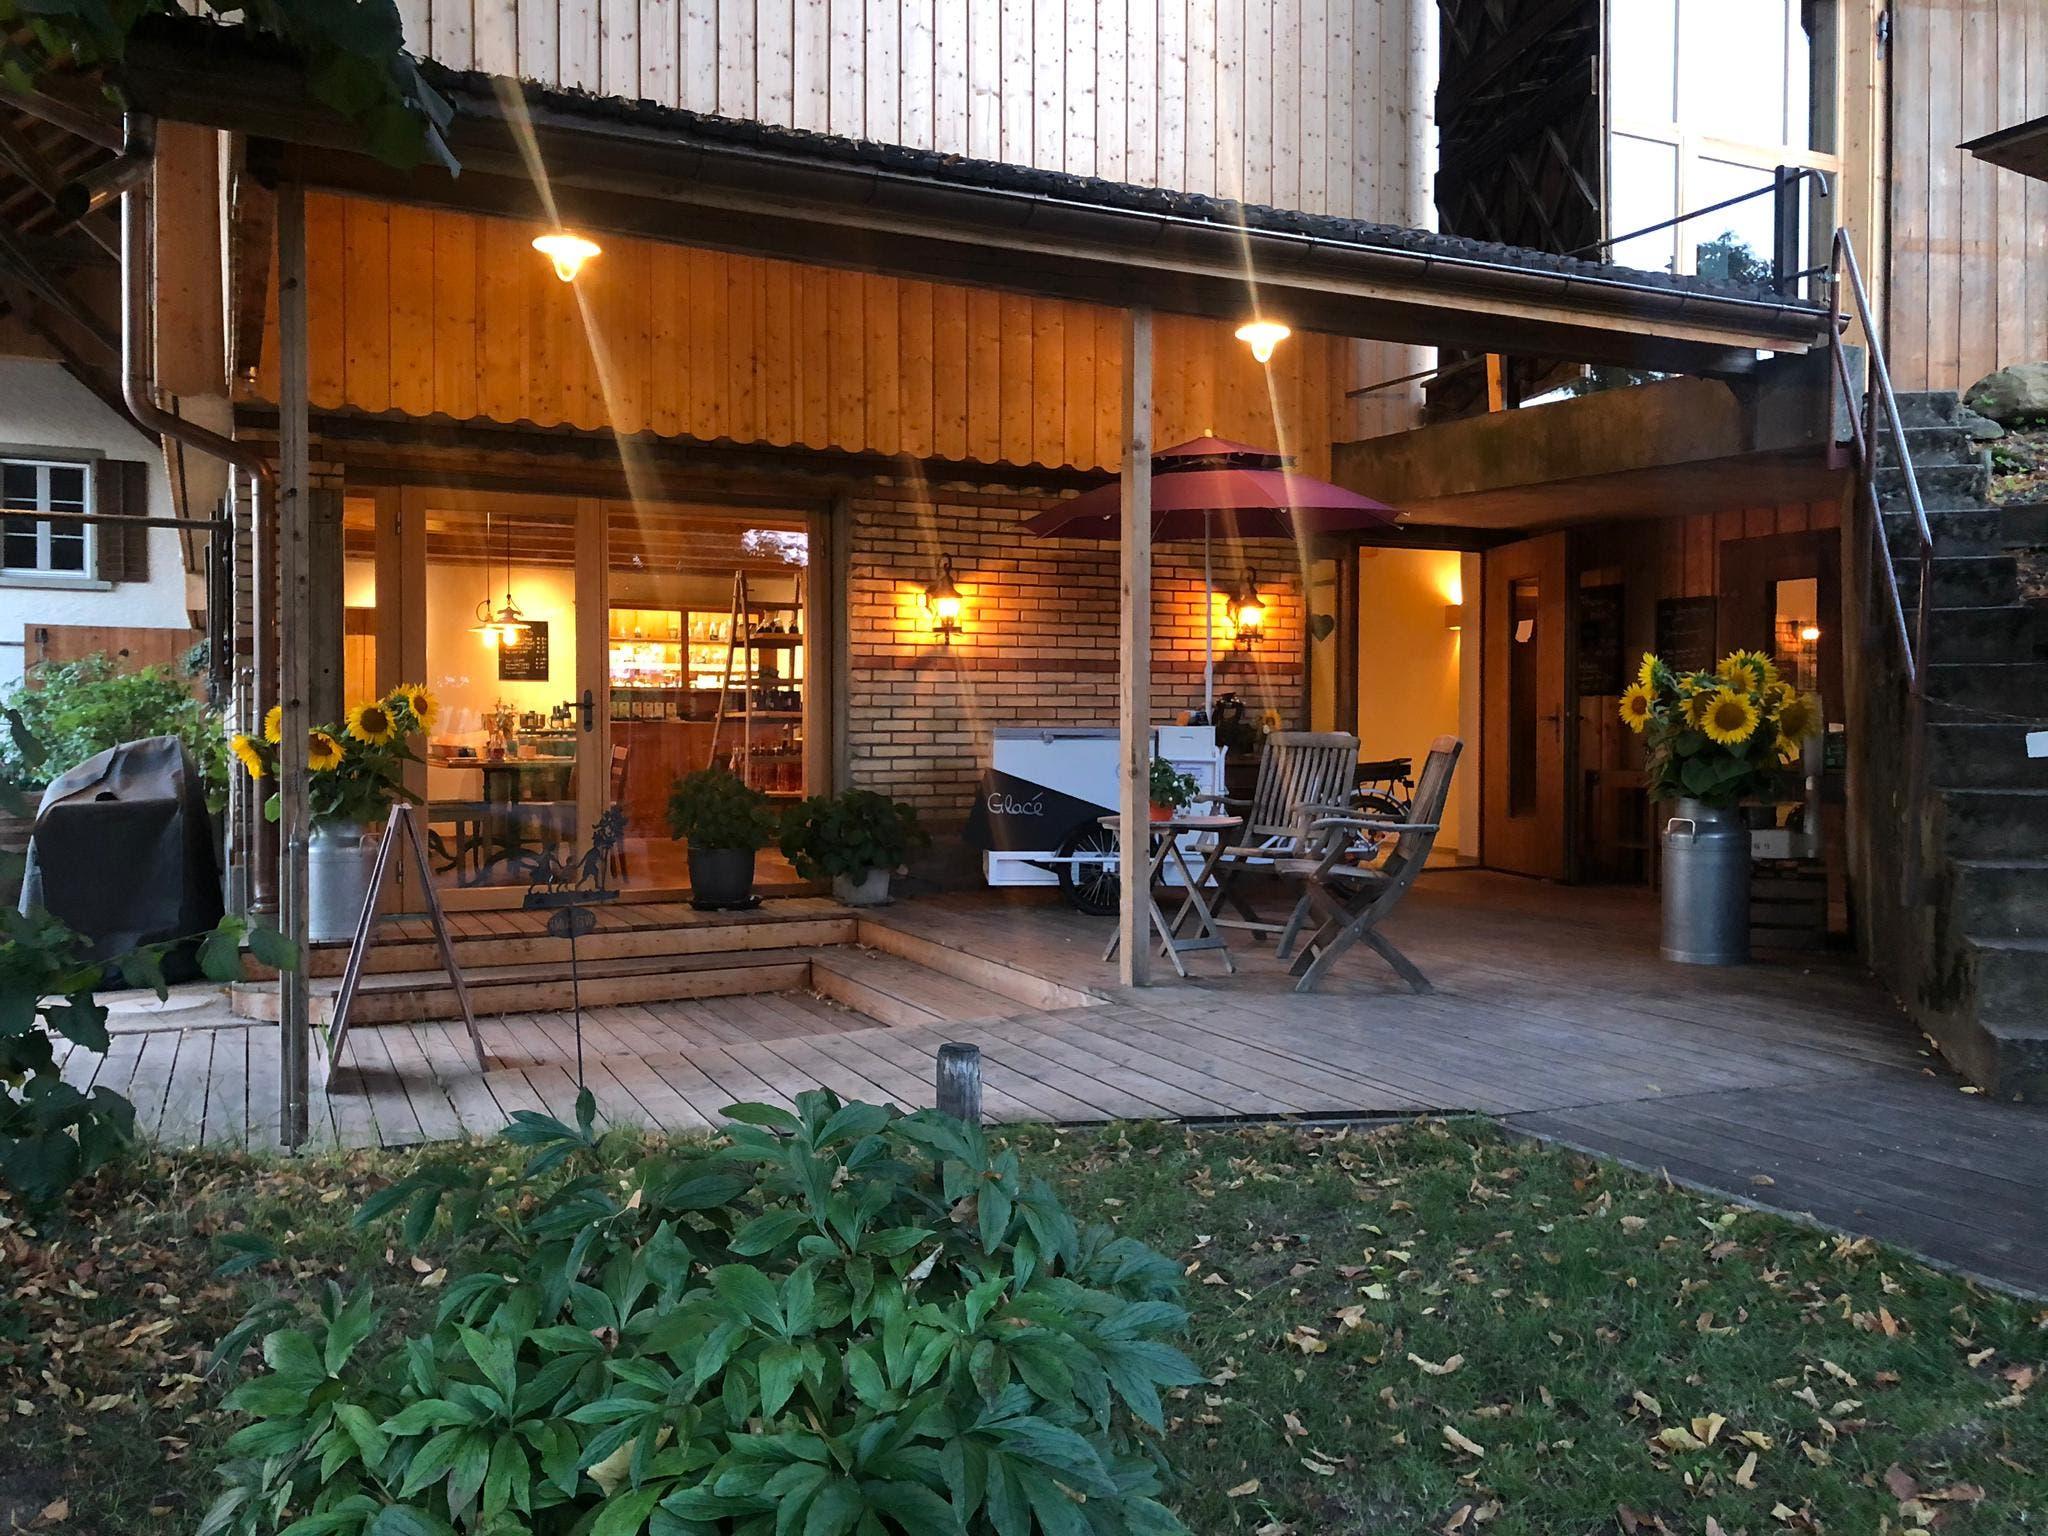 Das Café von aussen mit Sitzplatz.